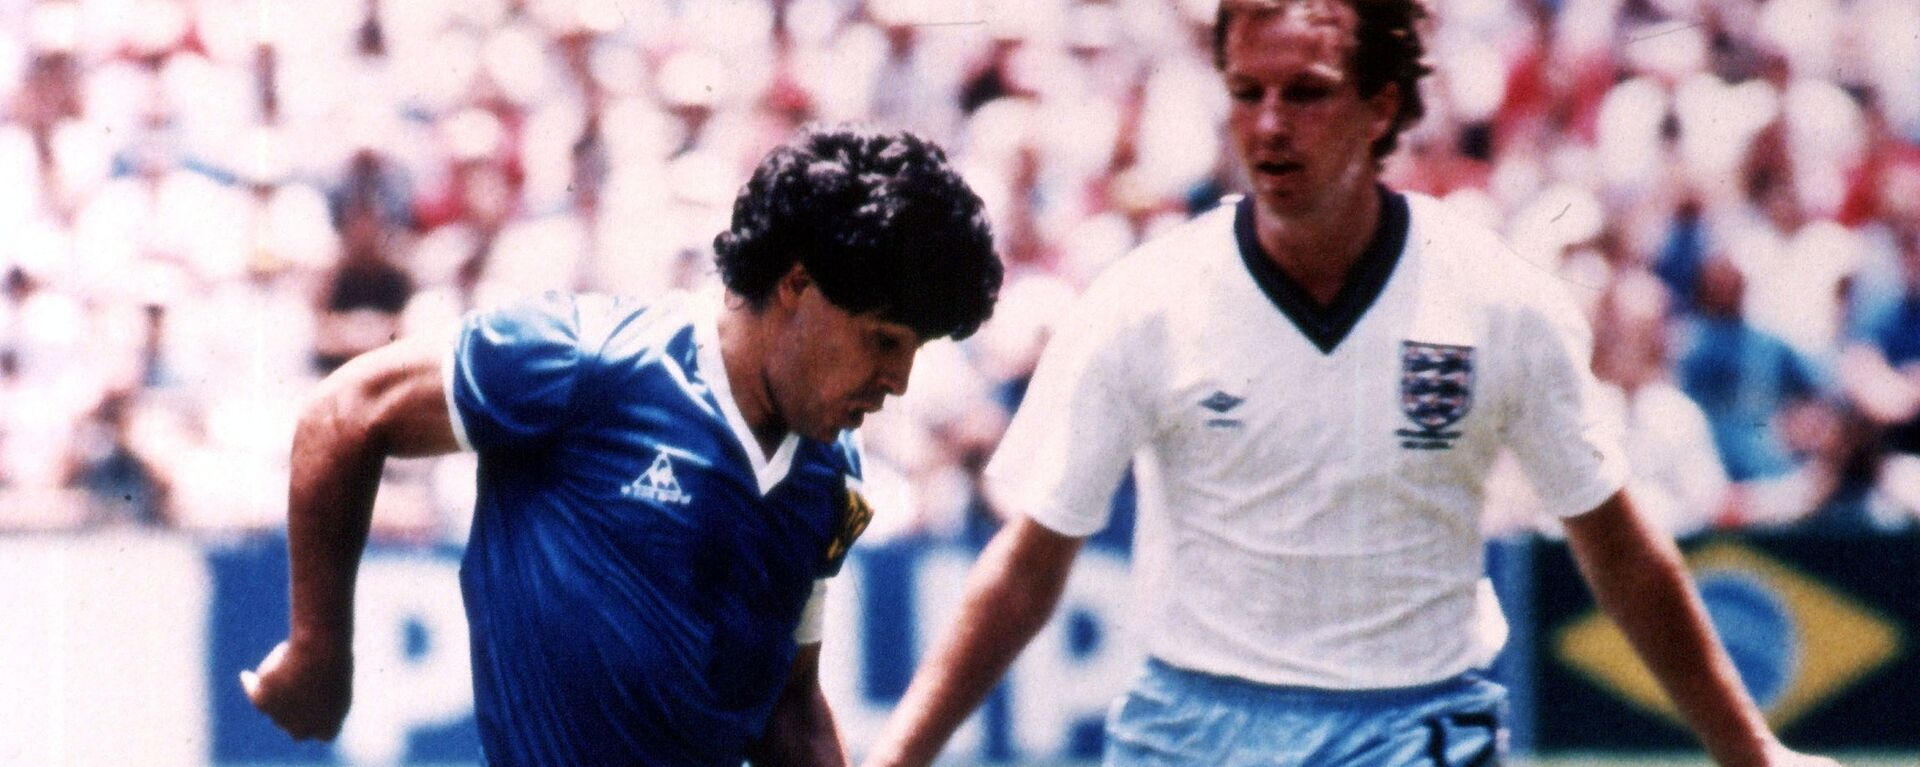 Диего Марадона во время четвертьфинального матча со сборной Англии в рамках ЧМ1986 - Sputnik Mundo, 1920, 22.06.2021